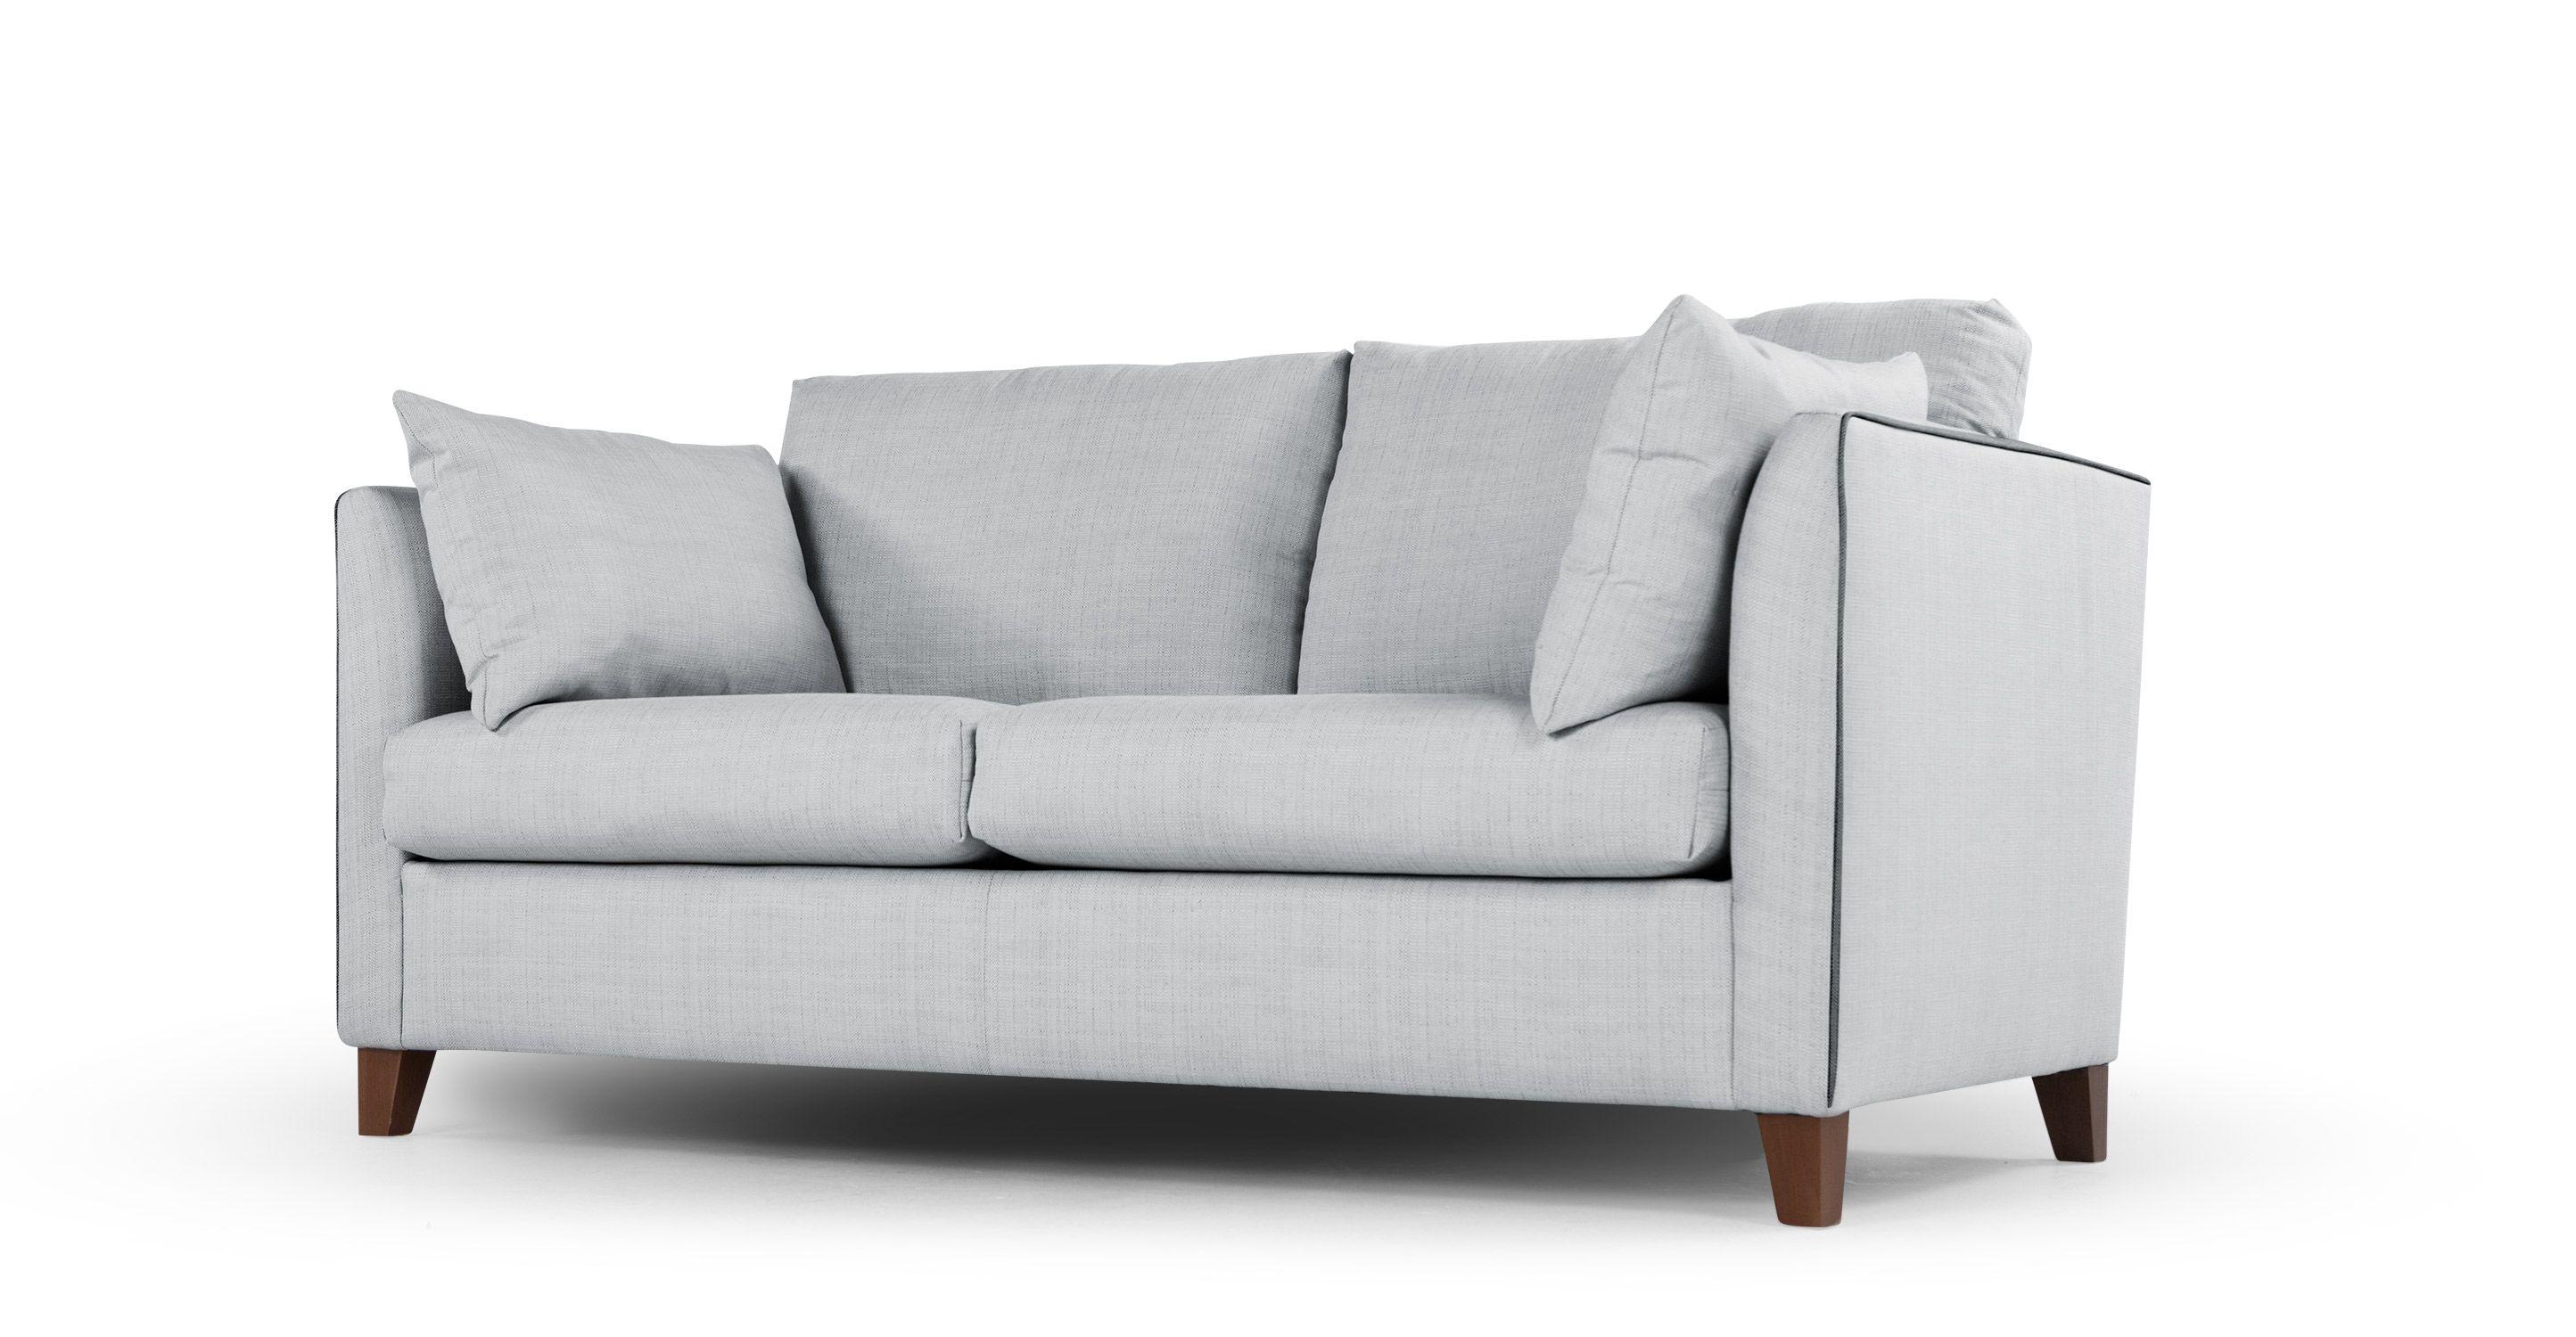 bari un canap lit bleu gris lit bleu canap s lits et. Black Bedroom Furniture Sets. Home Design Ideas